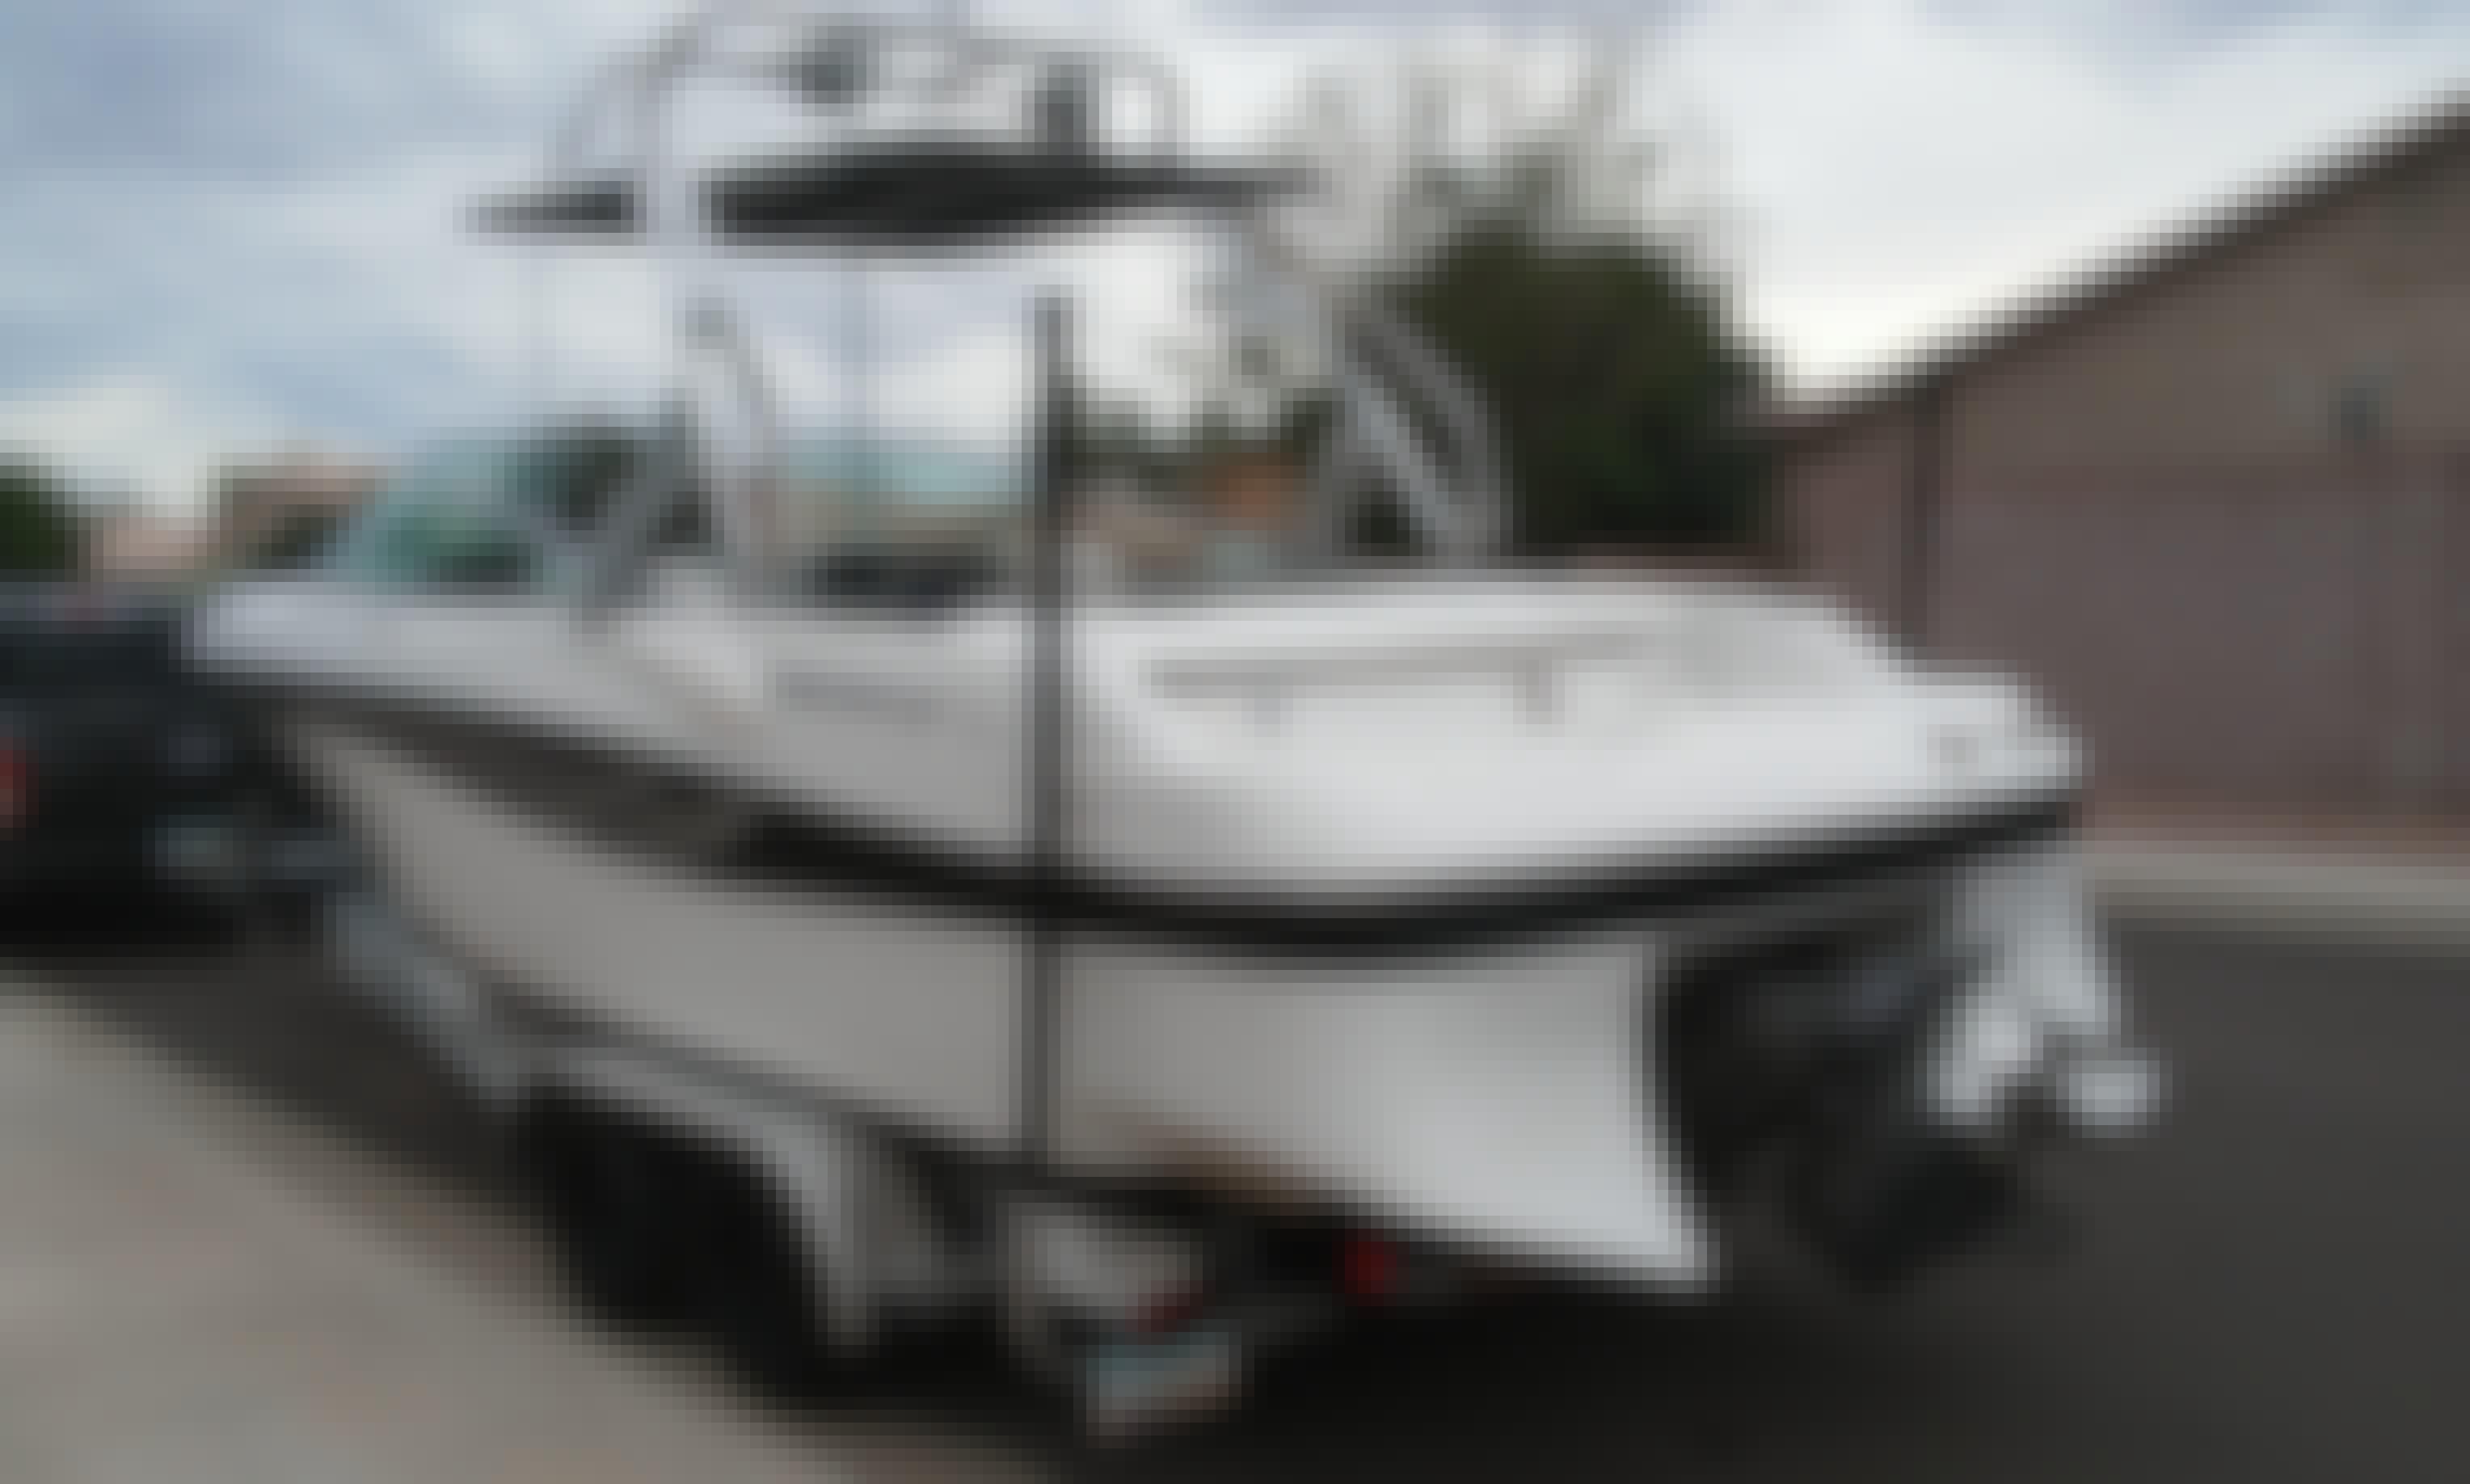 26 Foot Power Boat for Rent in Phoenix, AZ